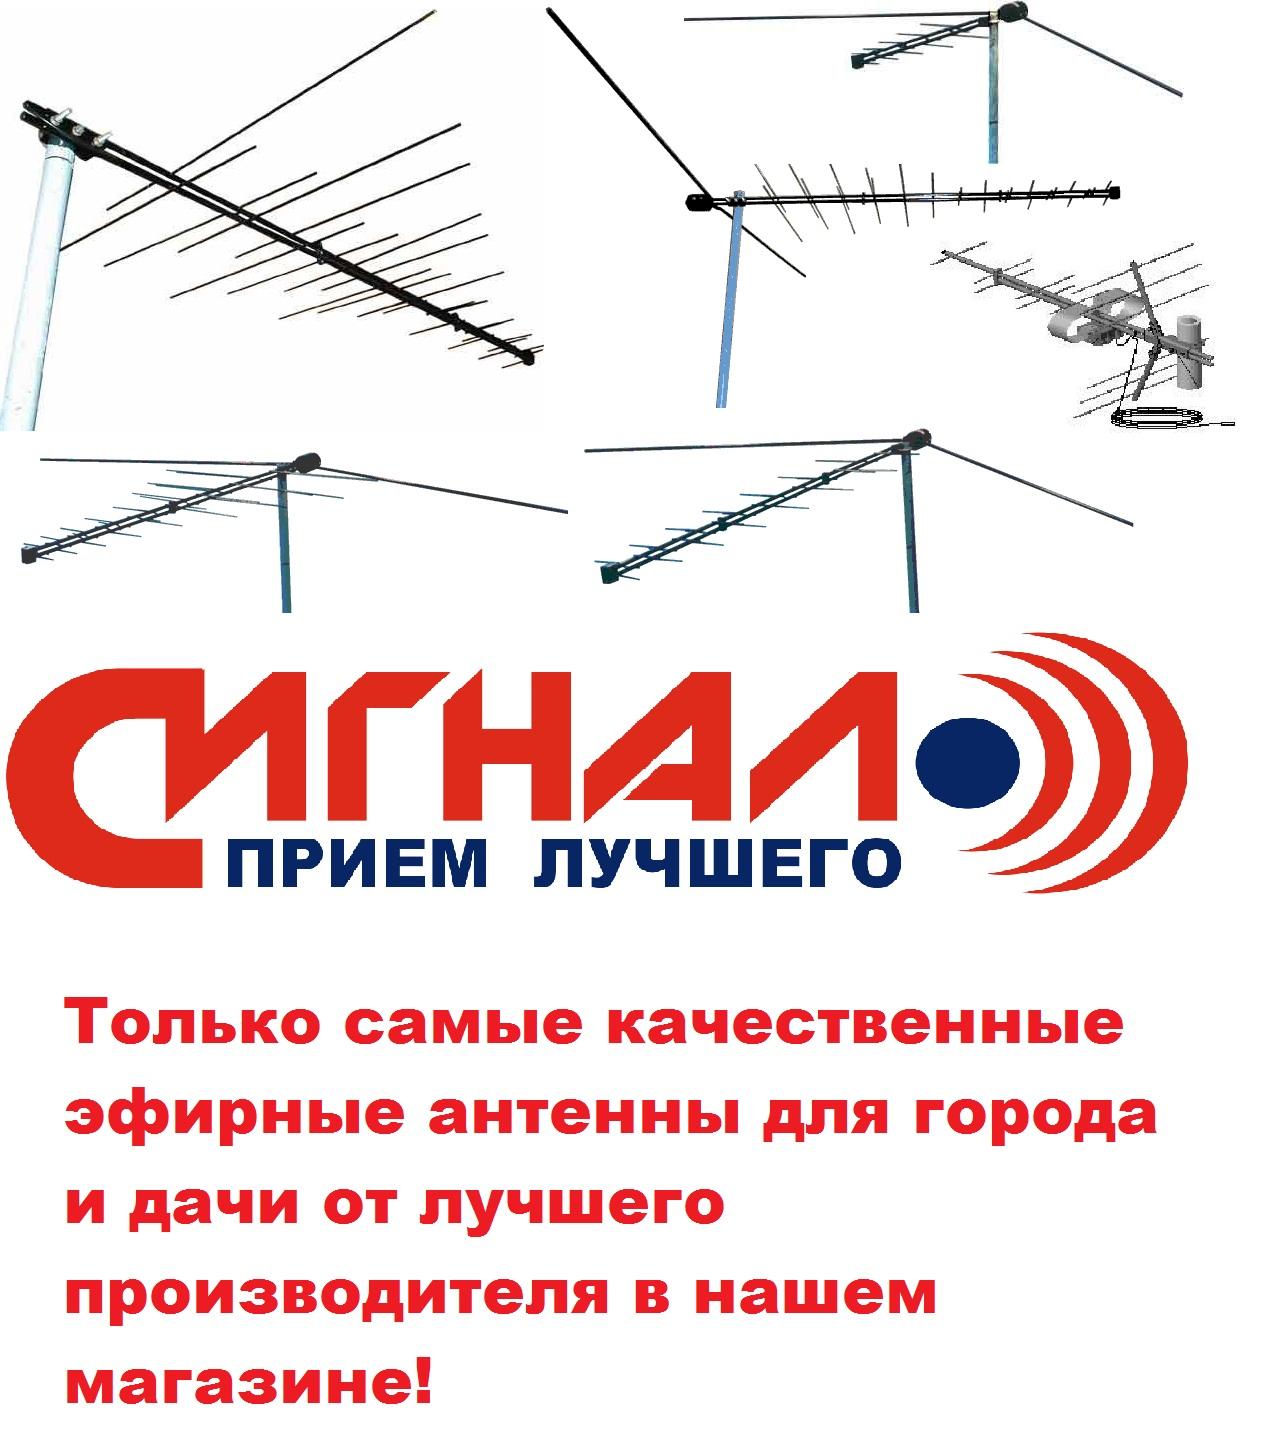 Презентация Системы Видеонаблюдения